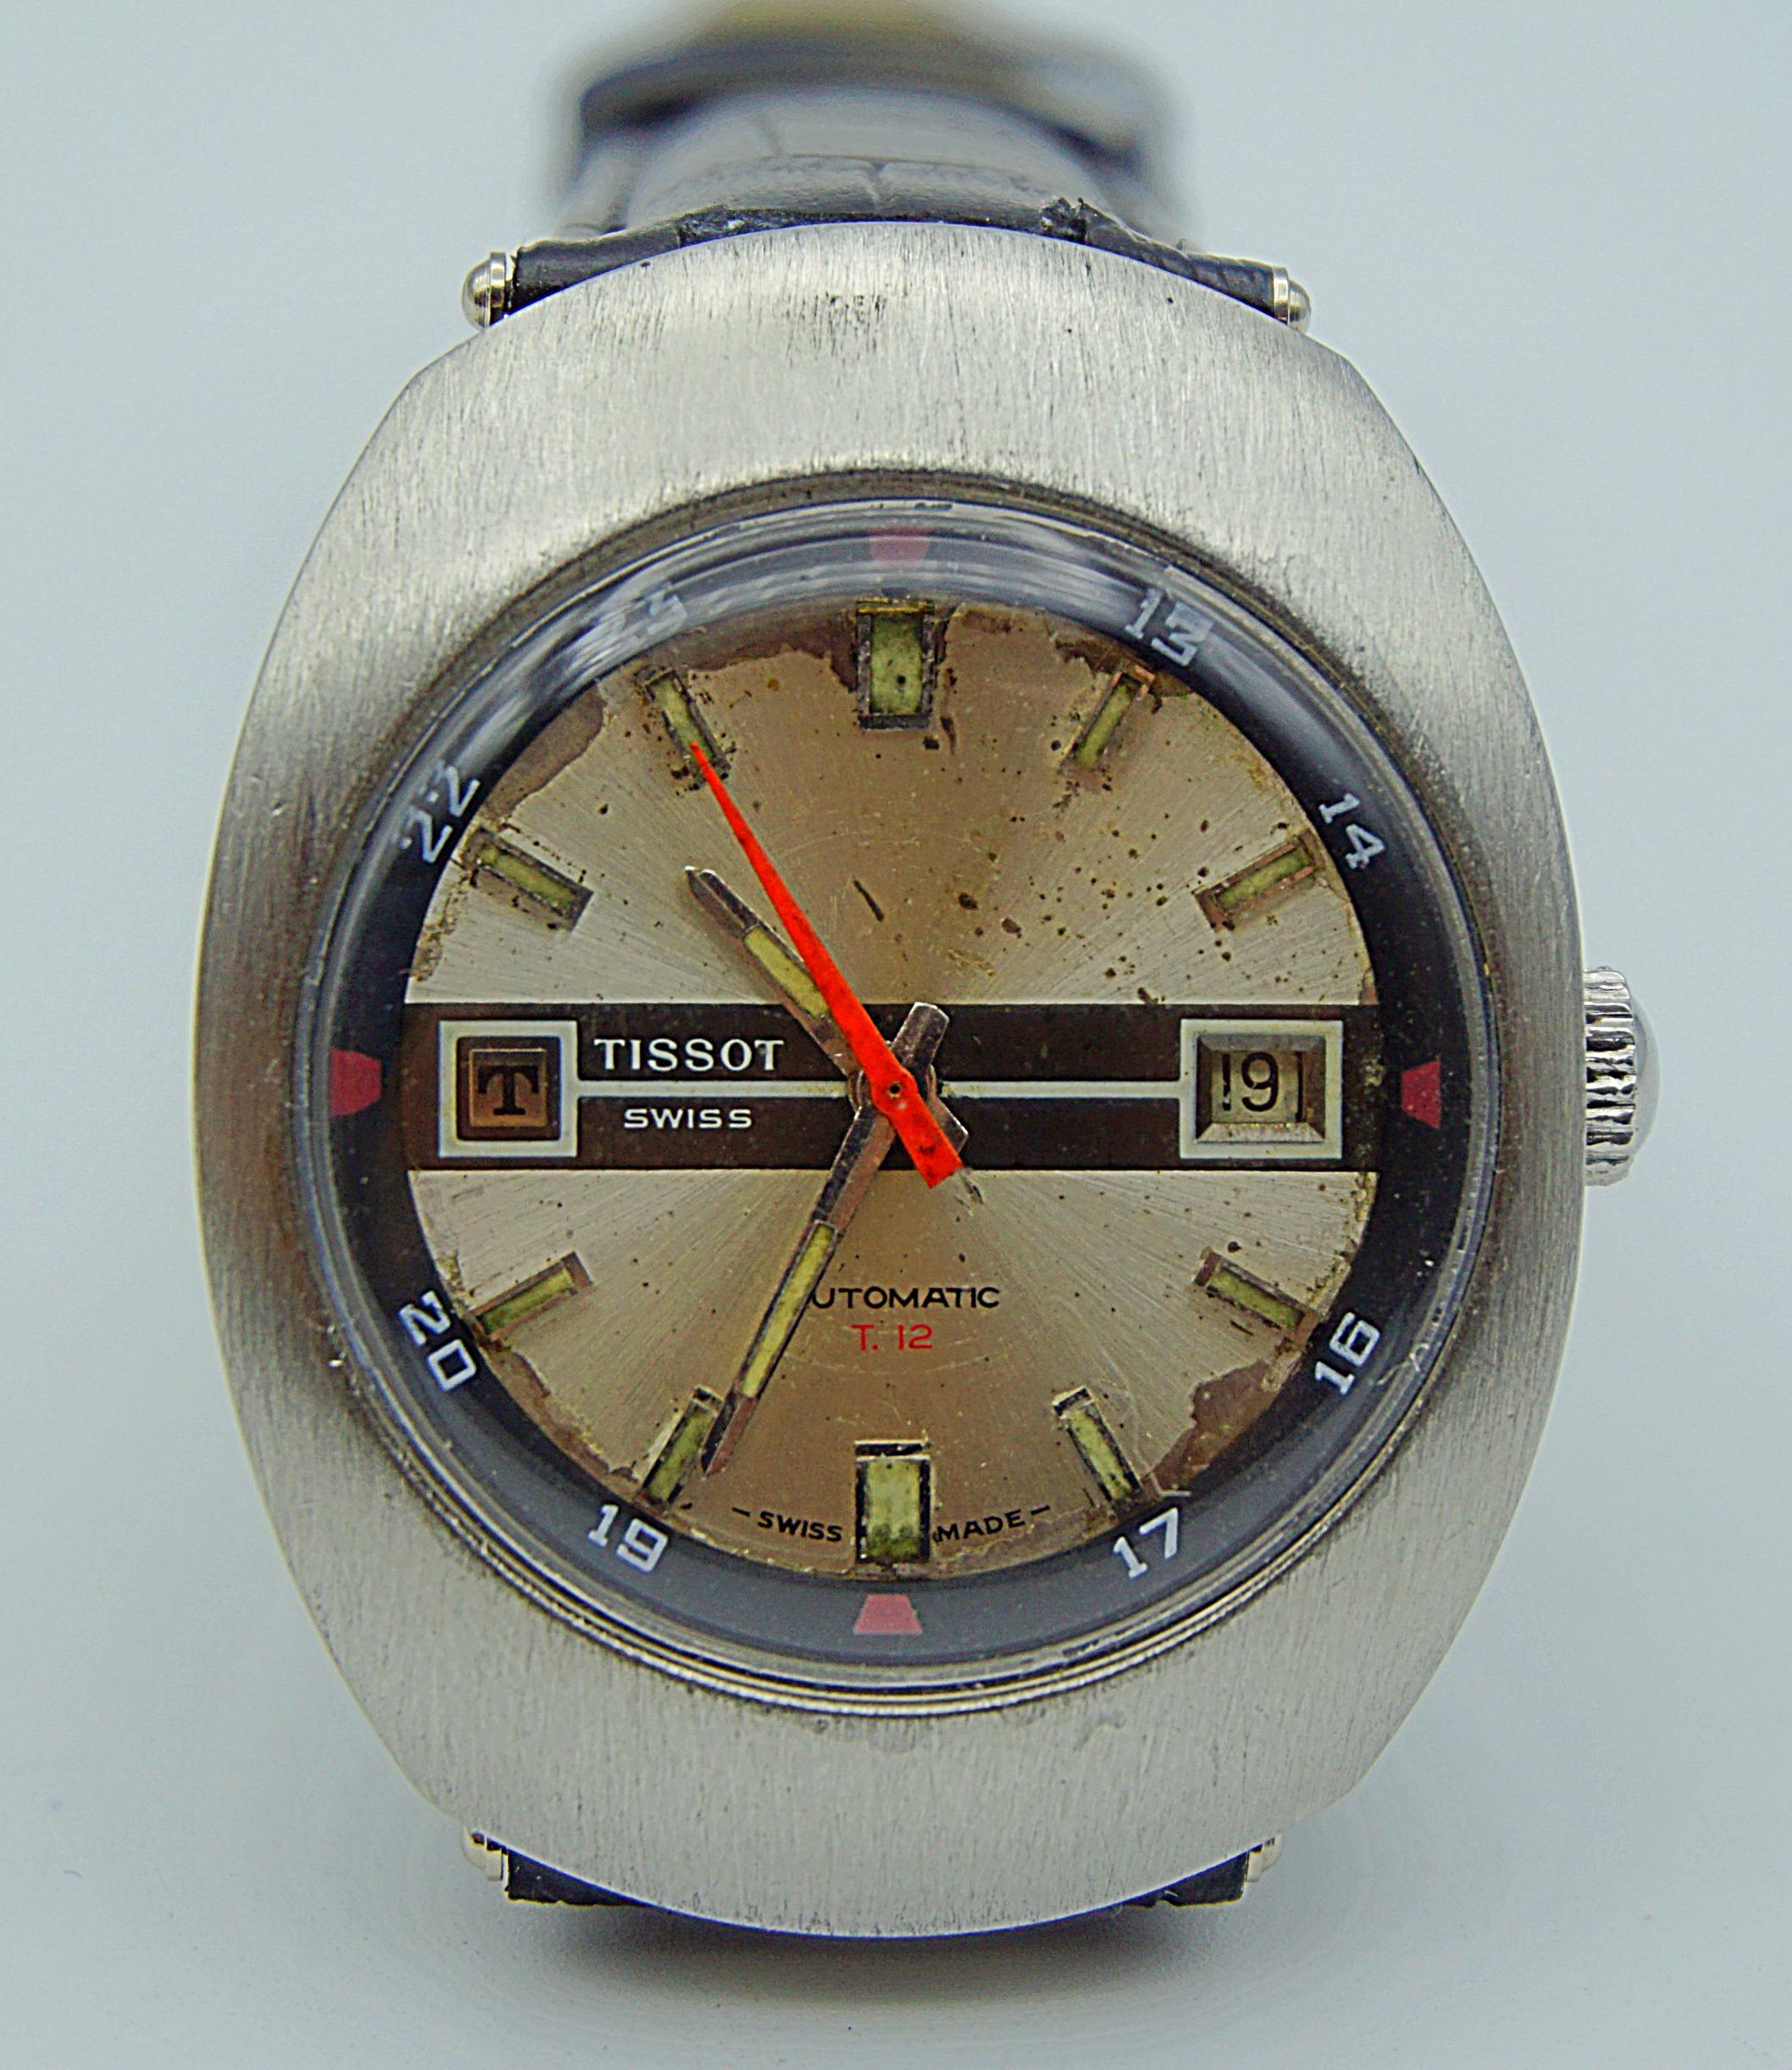 นาฬิกาเก่า TISSOT ออโตเมติก